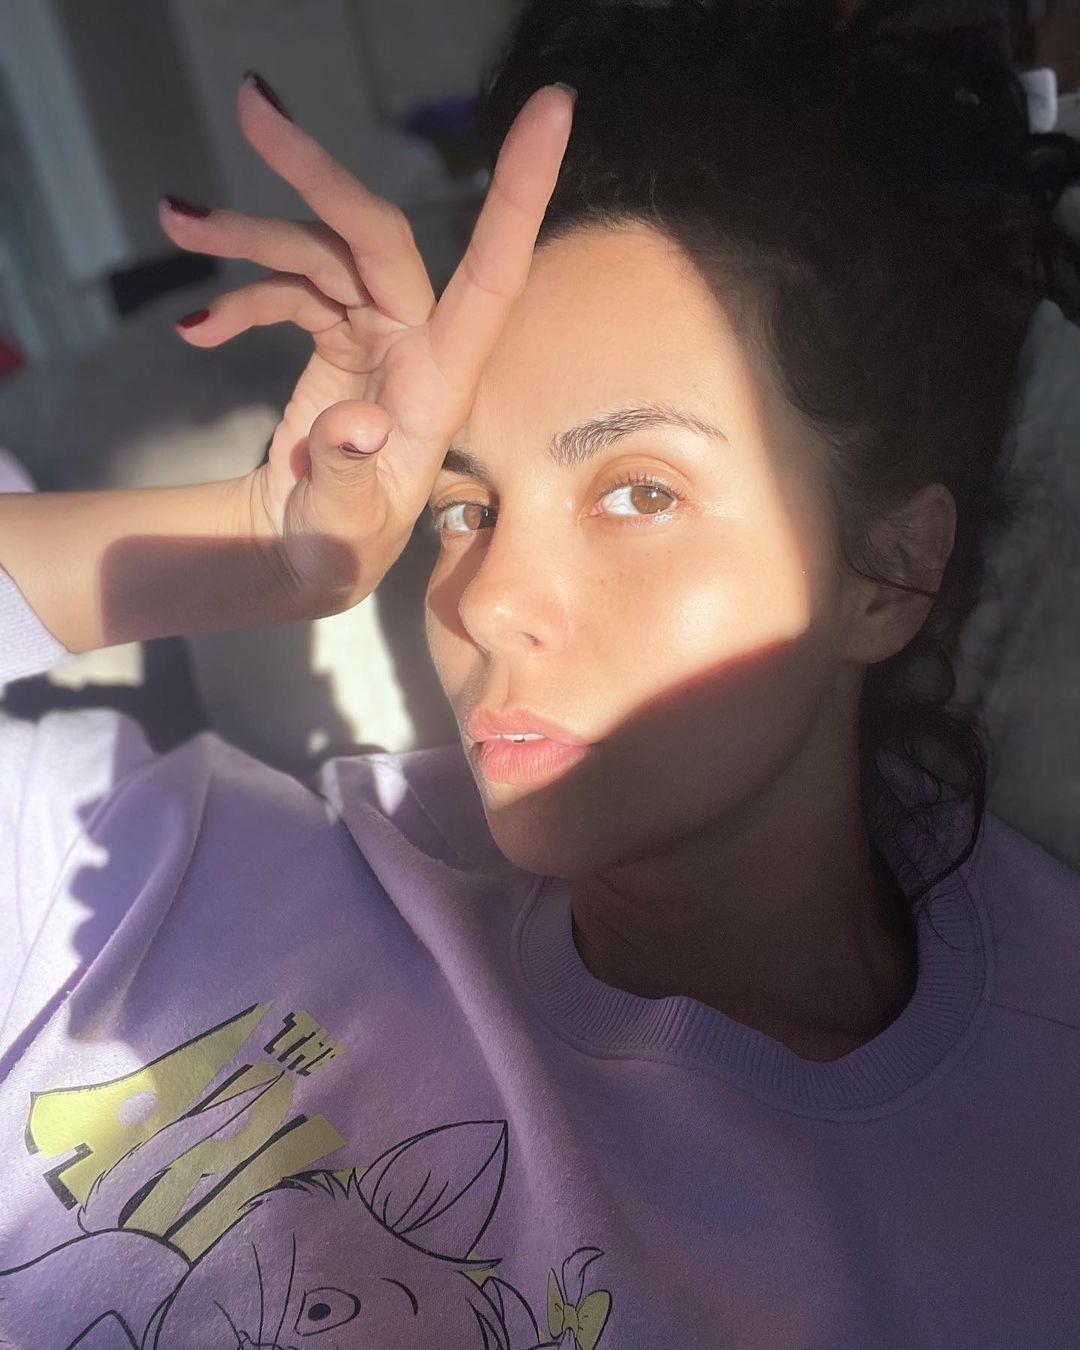 Каменських показала обличчя без макіяжу / instagram.com/kamenskux